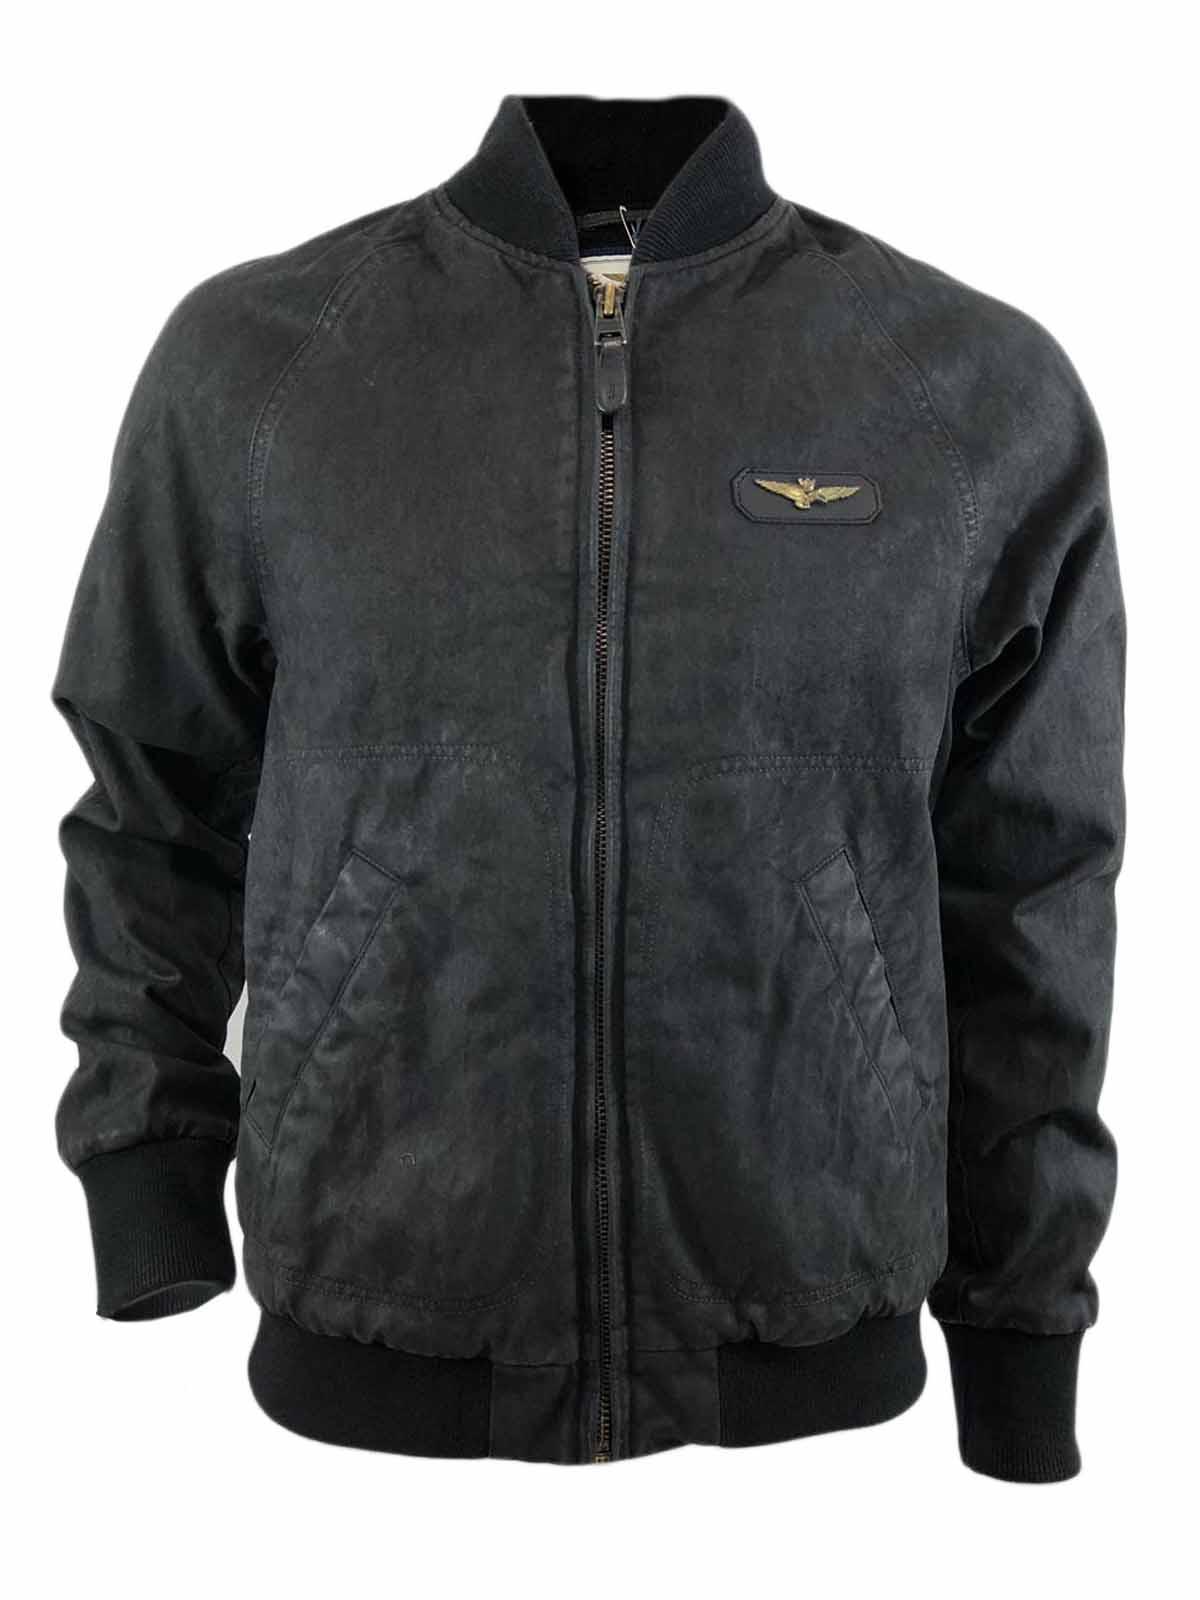 d6568774a4fa Giacca Bomber AERONAUTICA MILITARE Uomo Nero Aquila tg L,cappotto  aeronautica militare,abbigliamento firmato